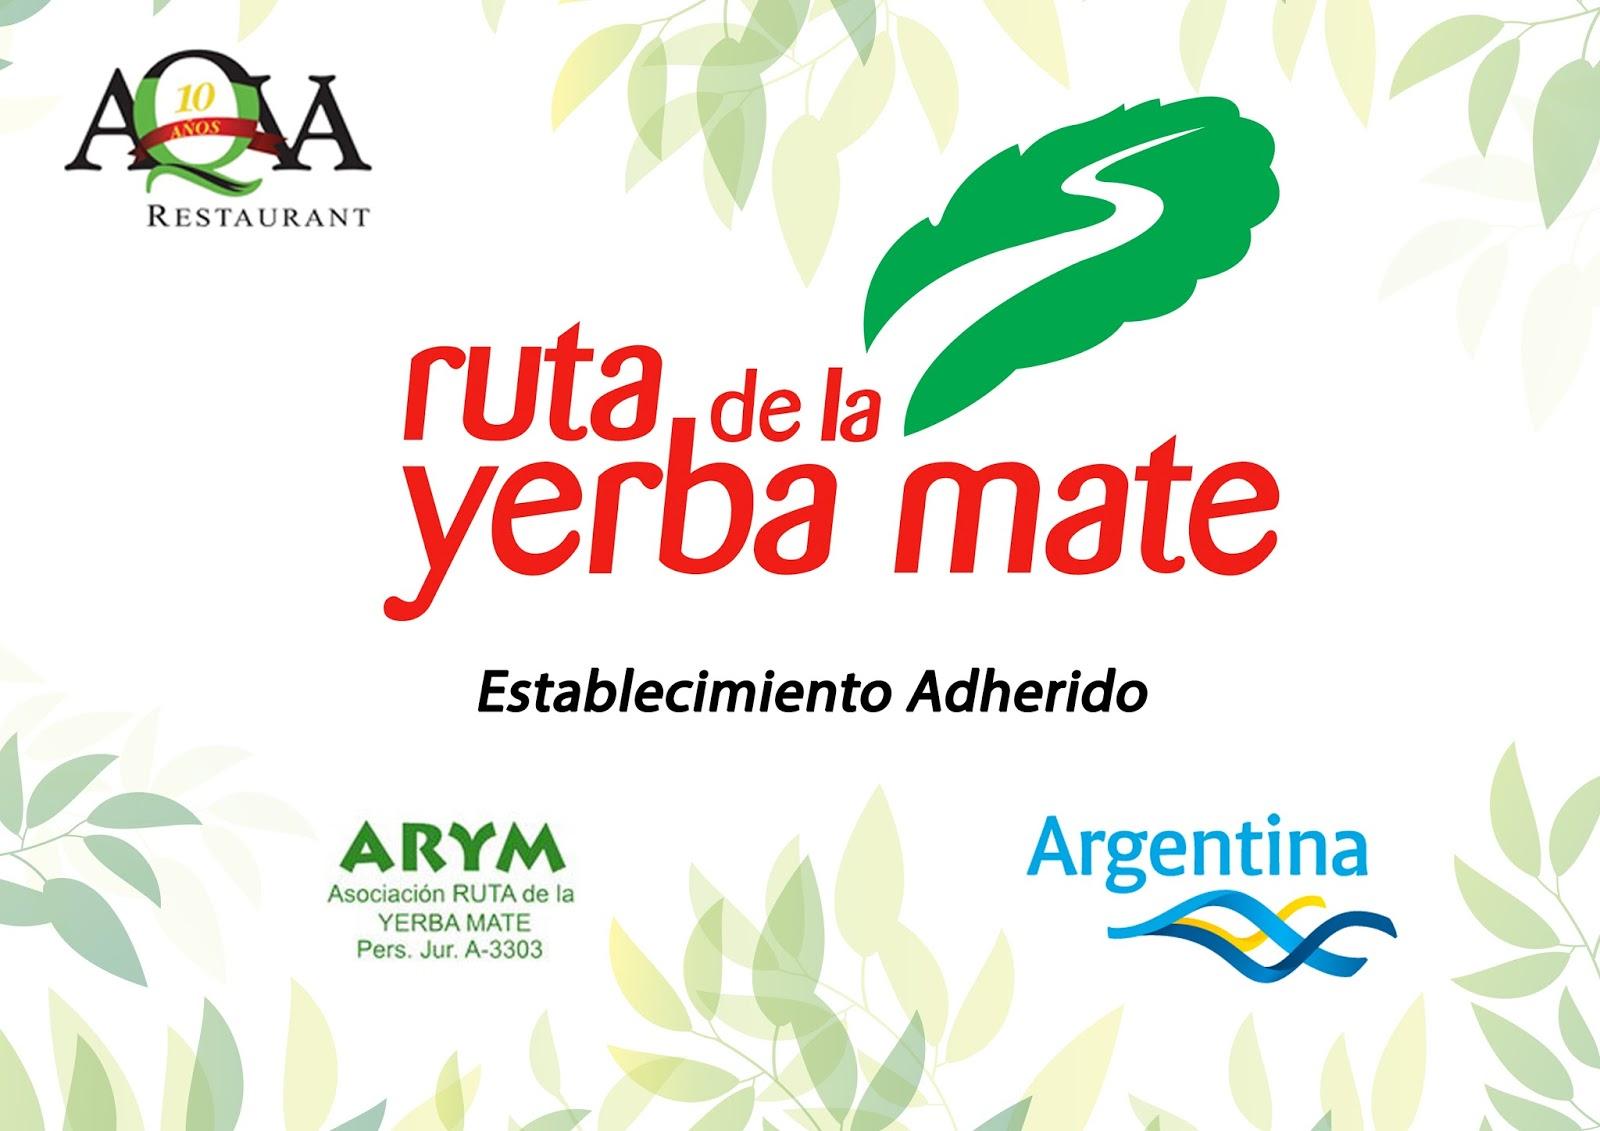 Circuito Yerba Mate : Noticias de la ruta de la yerba mate enero